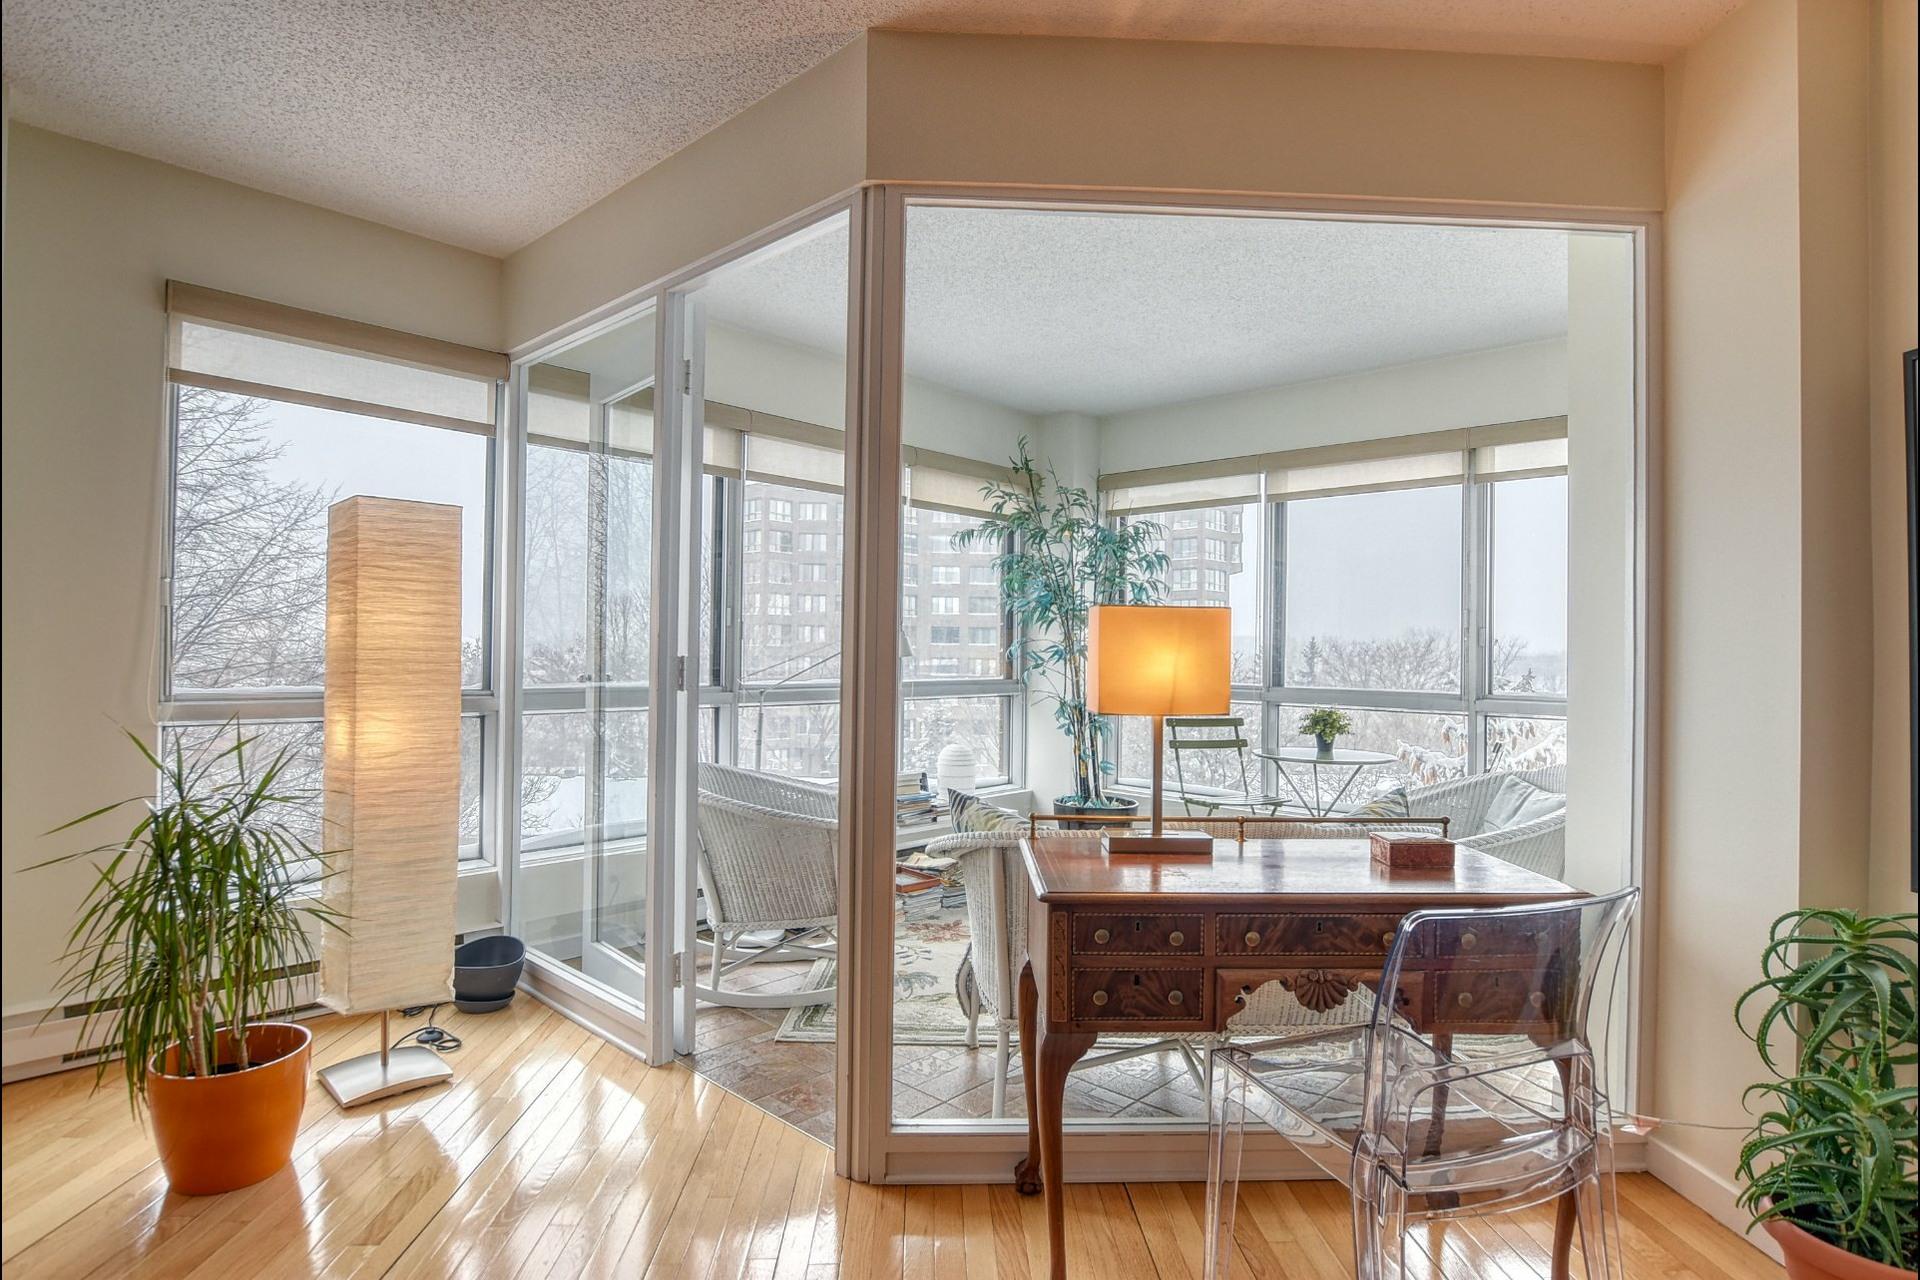 image 13 - Apartment For sale Verdun/Île-des-Soeurs Montréal  - 6 rooms